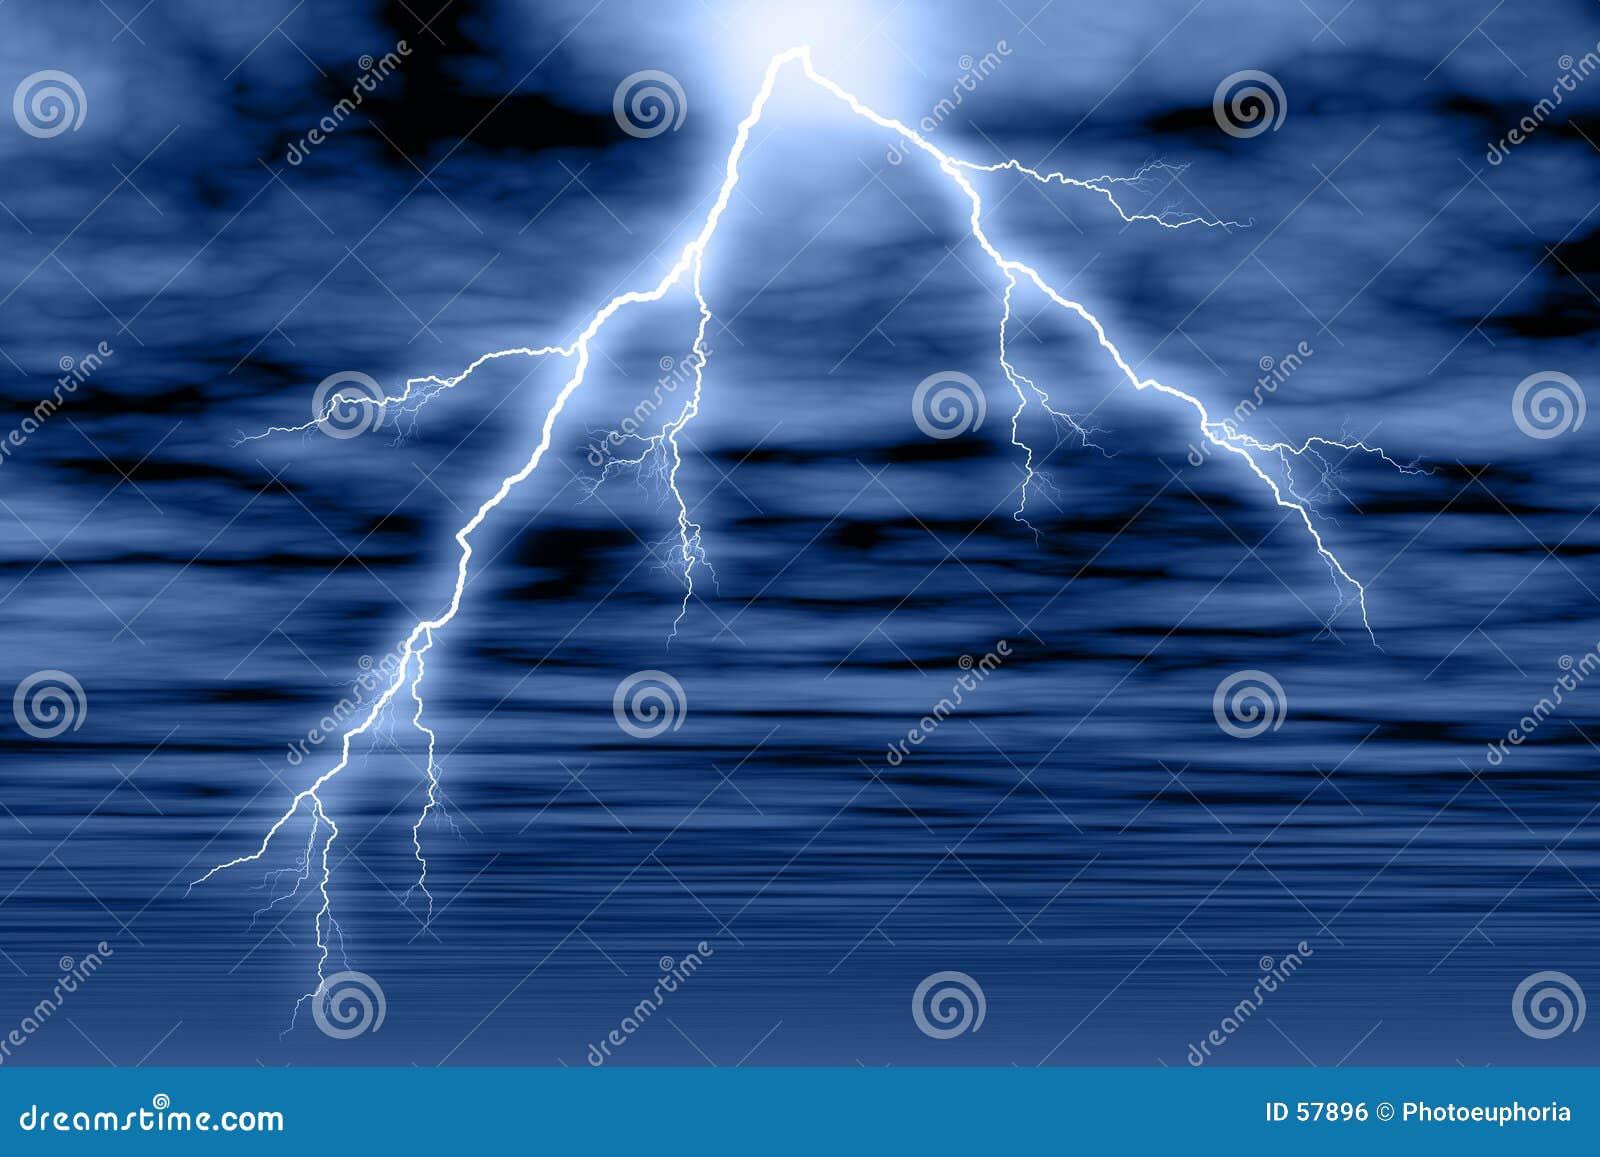 Nube y relámpago de tormenta